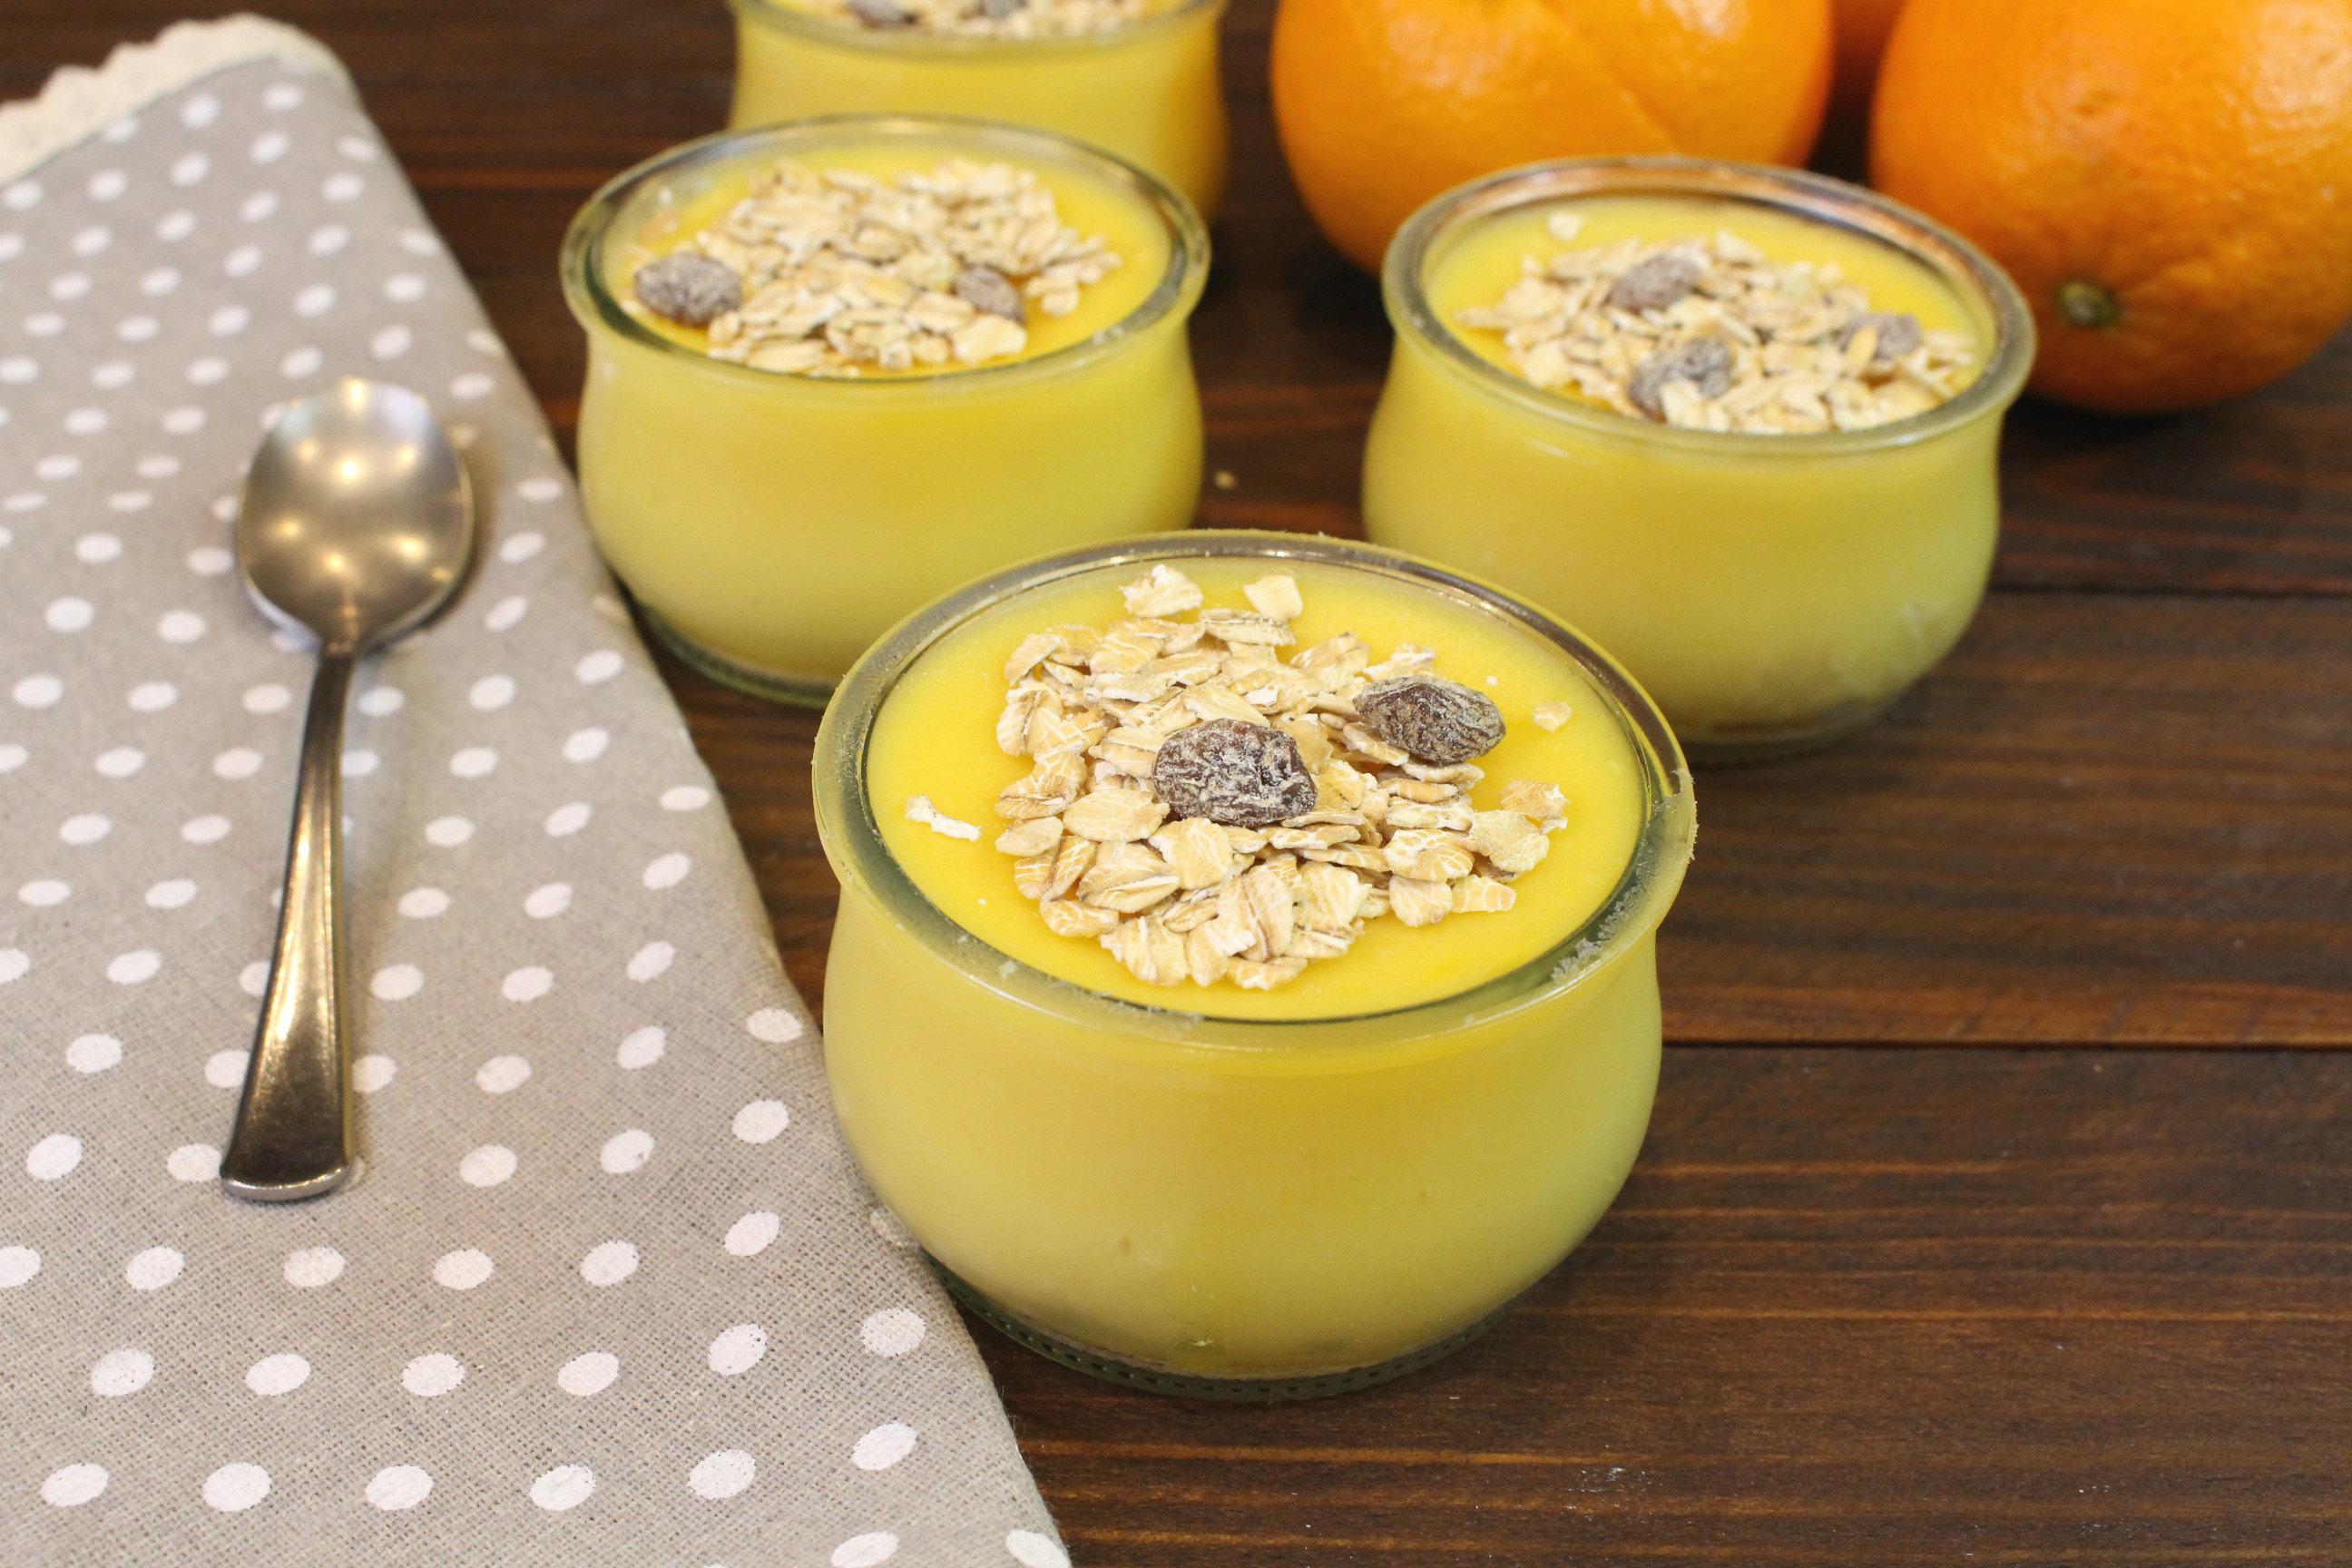 Receta paso a paso de vasitos de crema de naranja sin azúcar